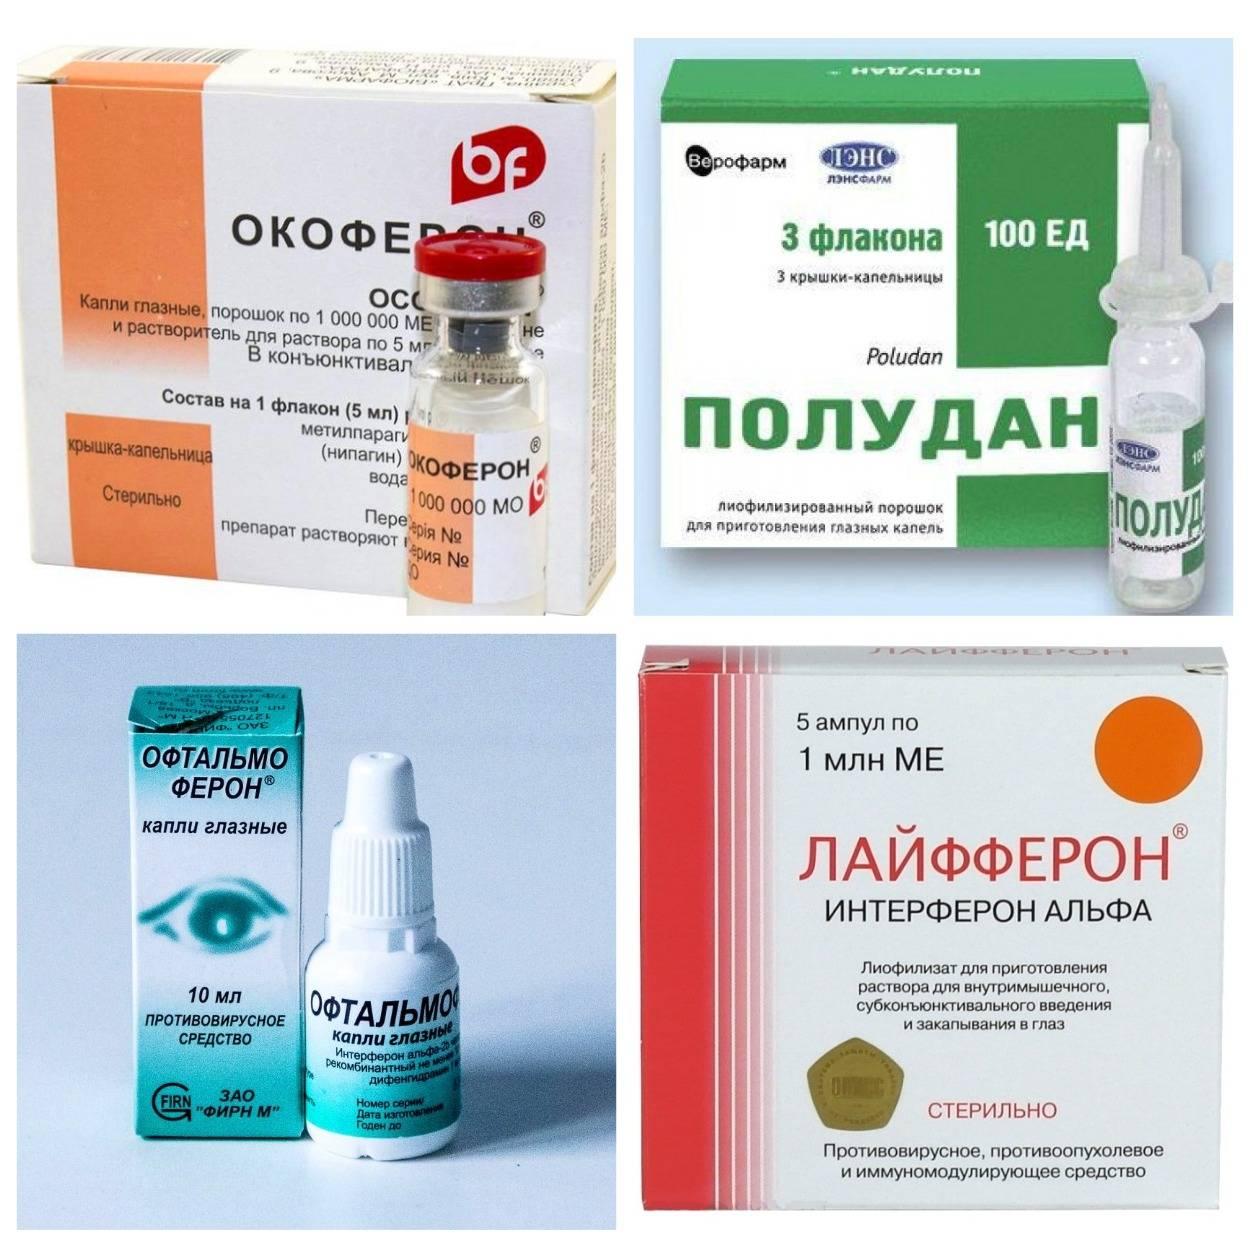 Офтальмоферон – инструкция по применению глазных капель, дозы детям, цена